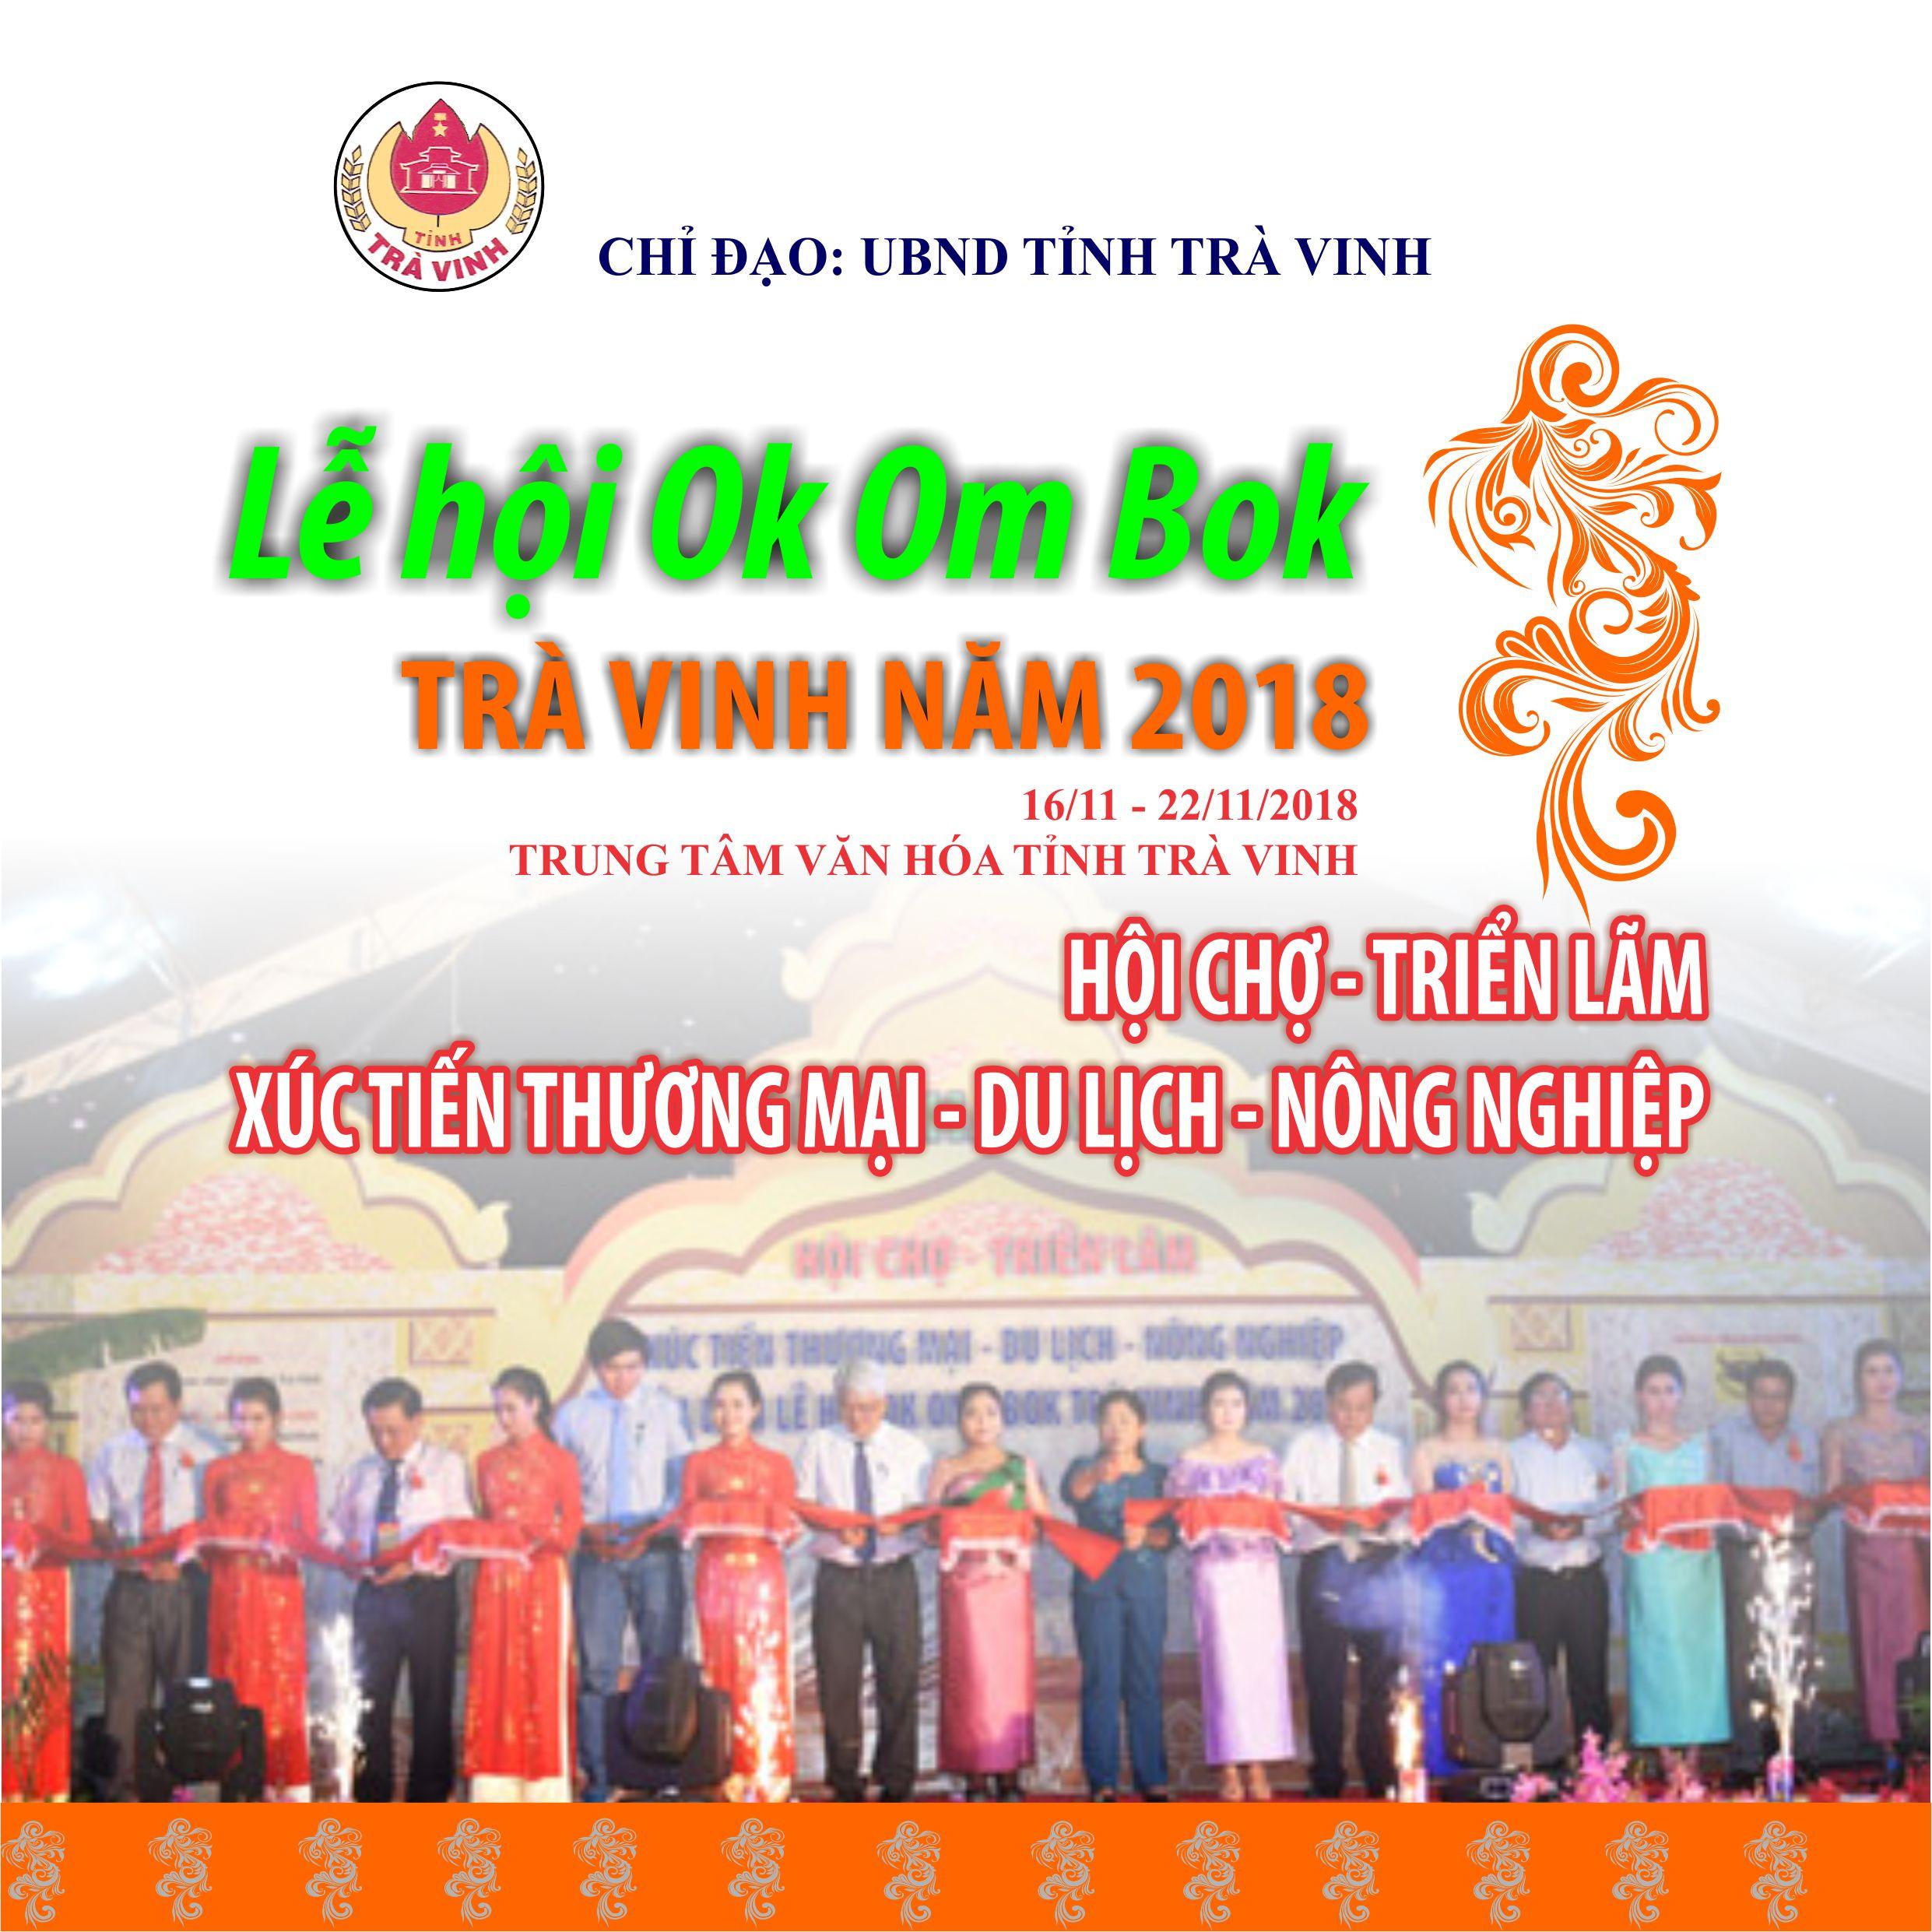 """HỘI CHỢ - TRIỂN LÃM """"XÚC TIẾN THƯƠNG MẠI – DU LỊCH – NÔNG NGHIỆP"""" gắn với Lễ hội Ok Om Bok Trà Vinh 2018"""